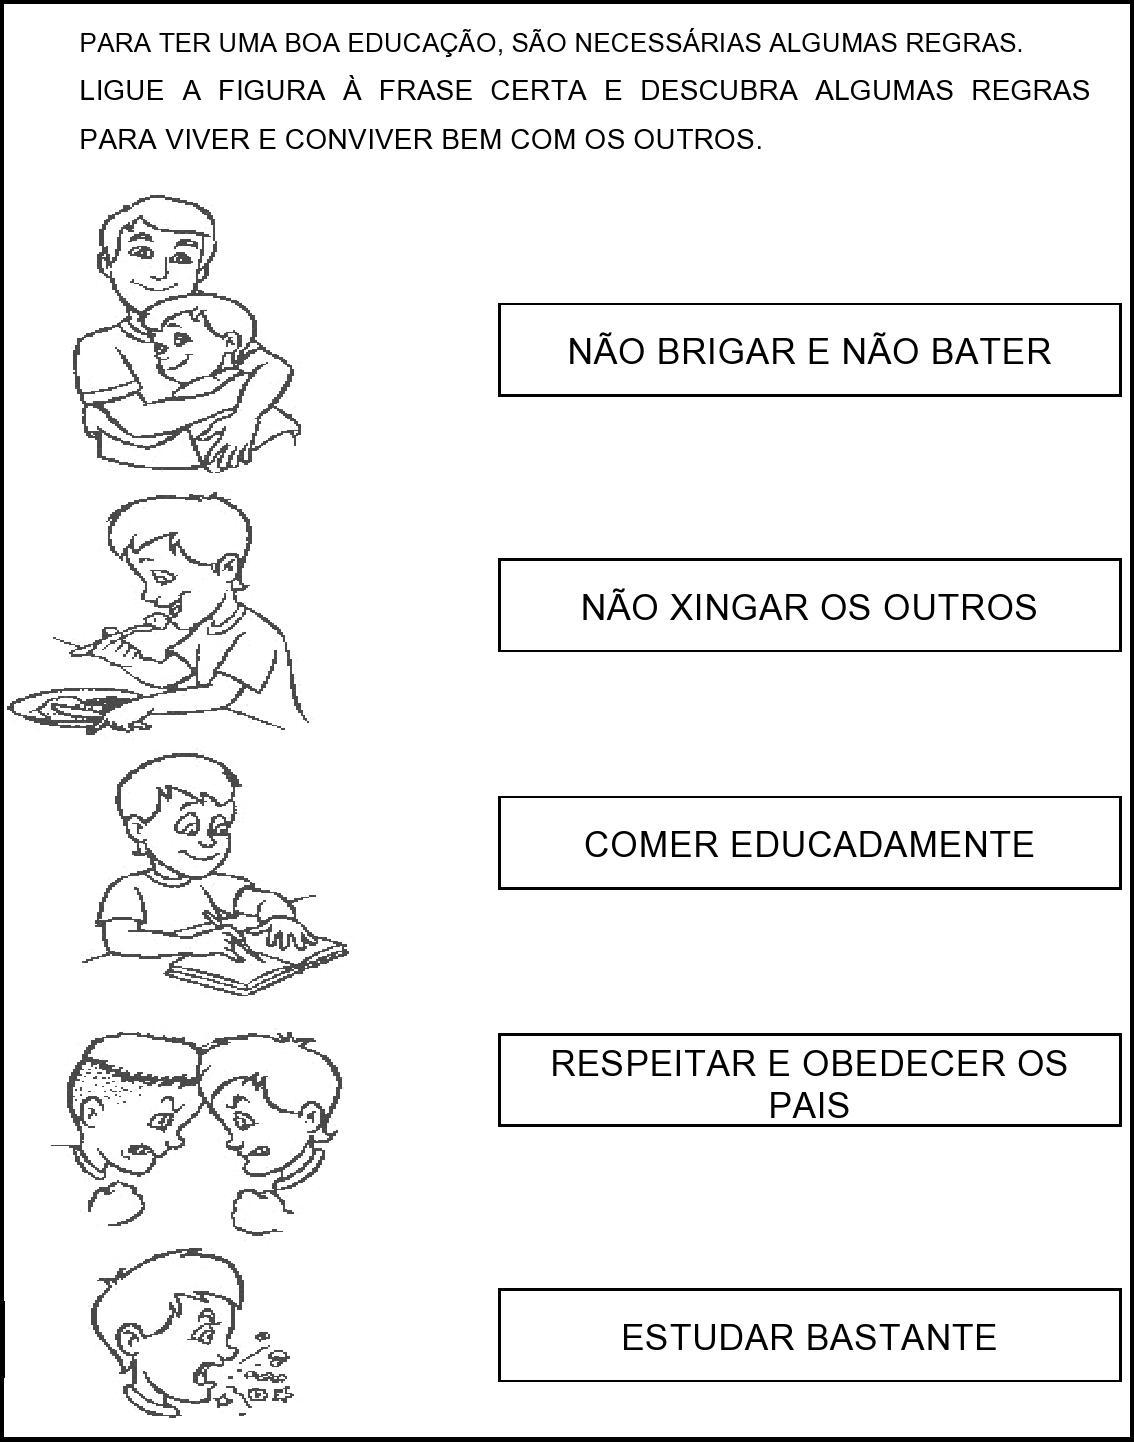 Excepcional Criando e Recriando : Avaliação Pinóquio Alfabetização - Português BA75